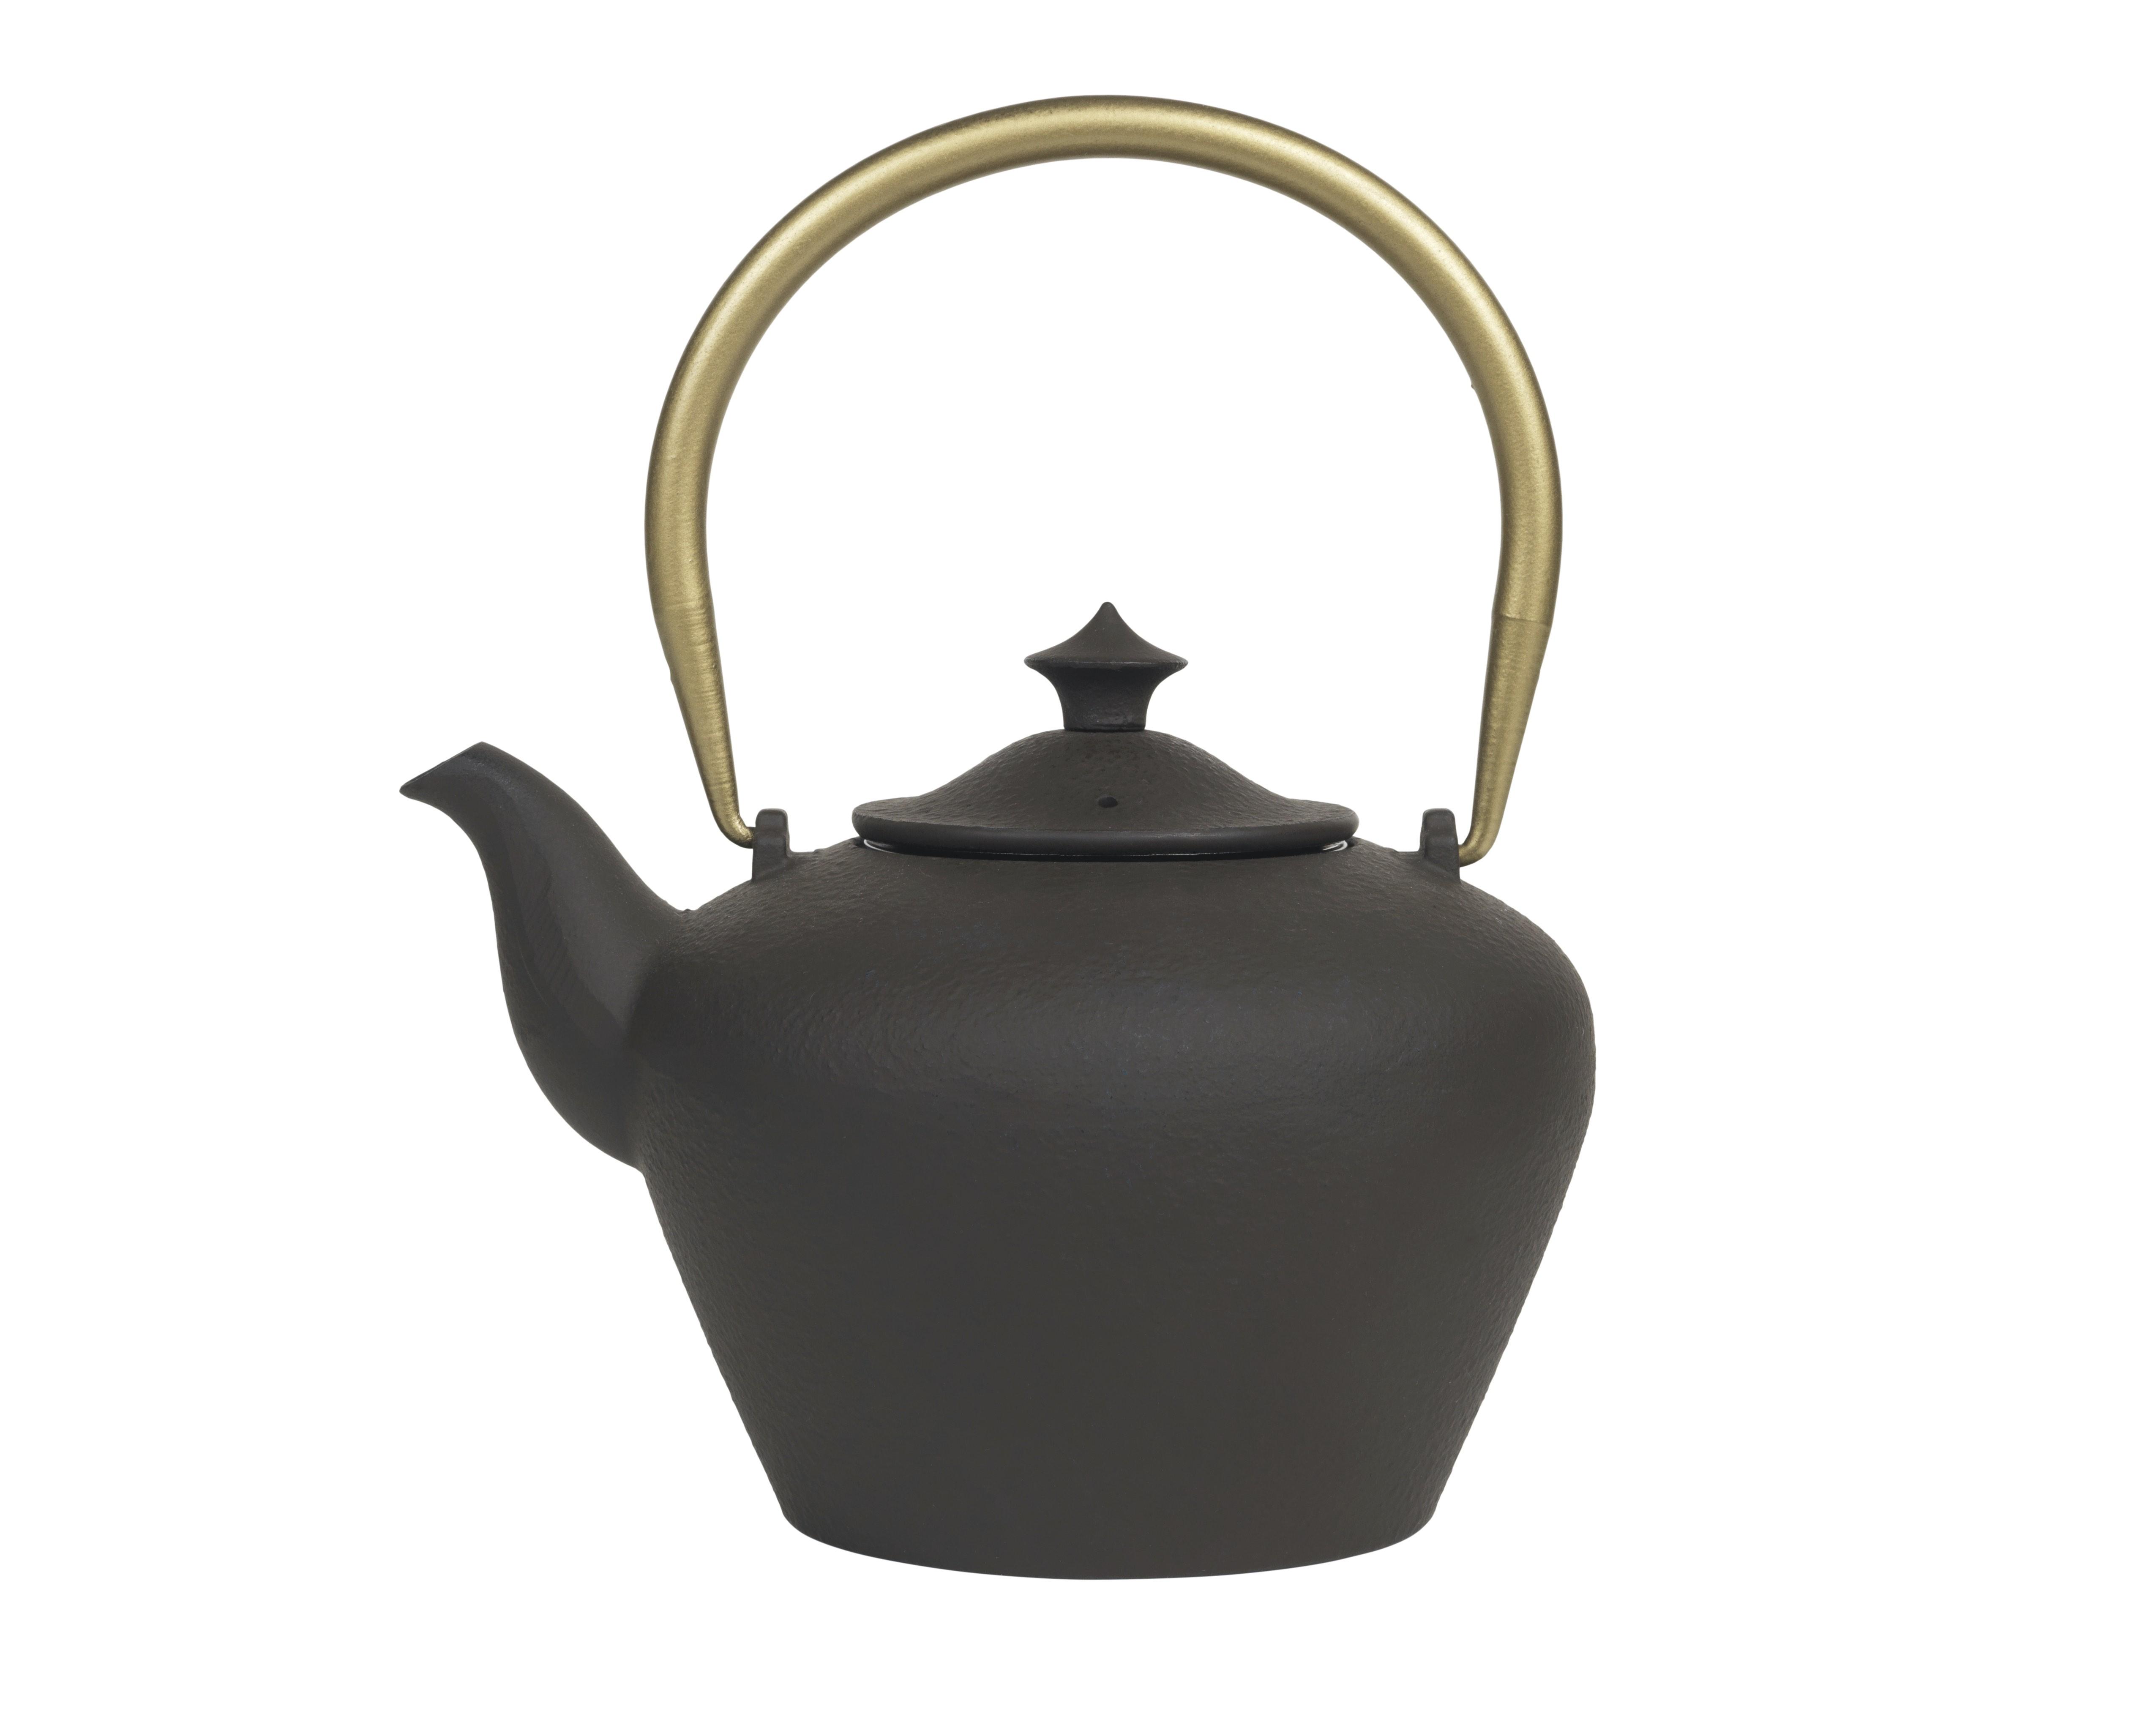 Bredemeijer Chengdu tekande, 1 liter, brun/gylden